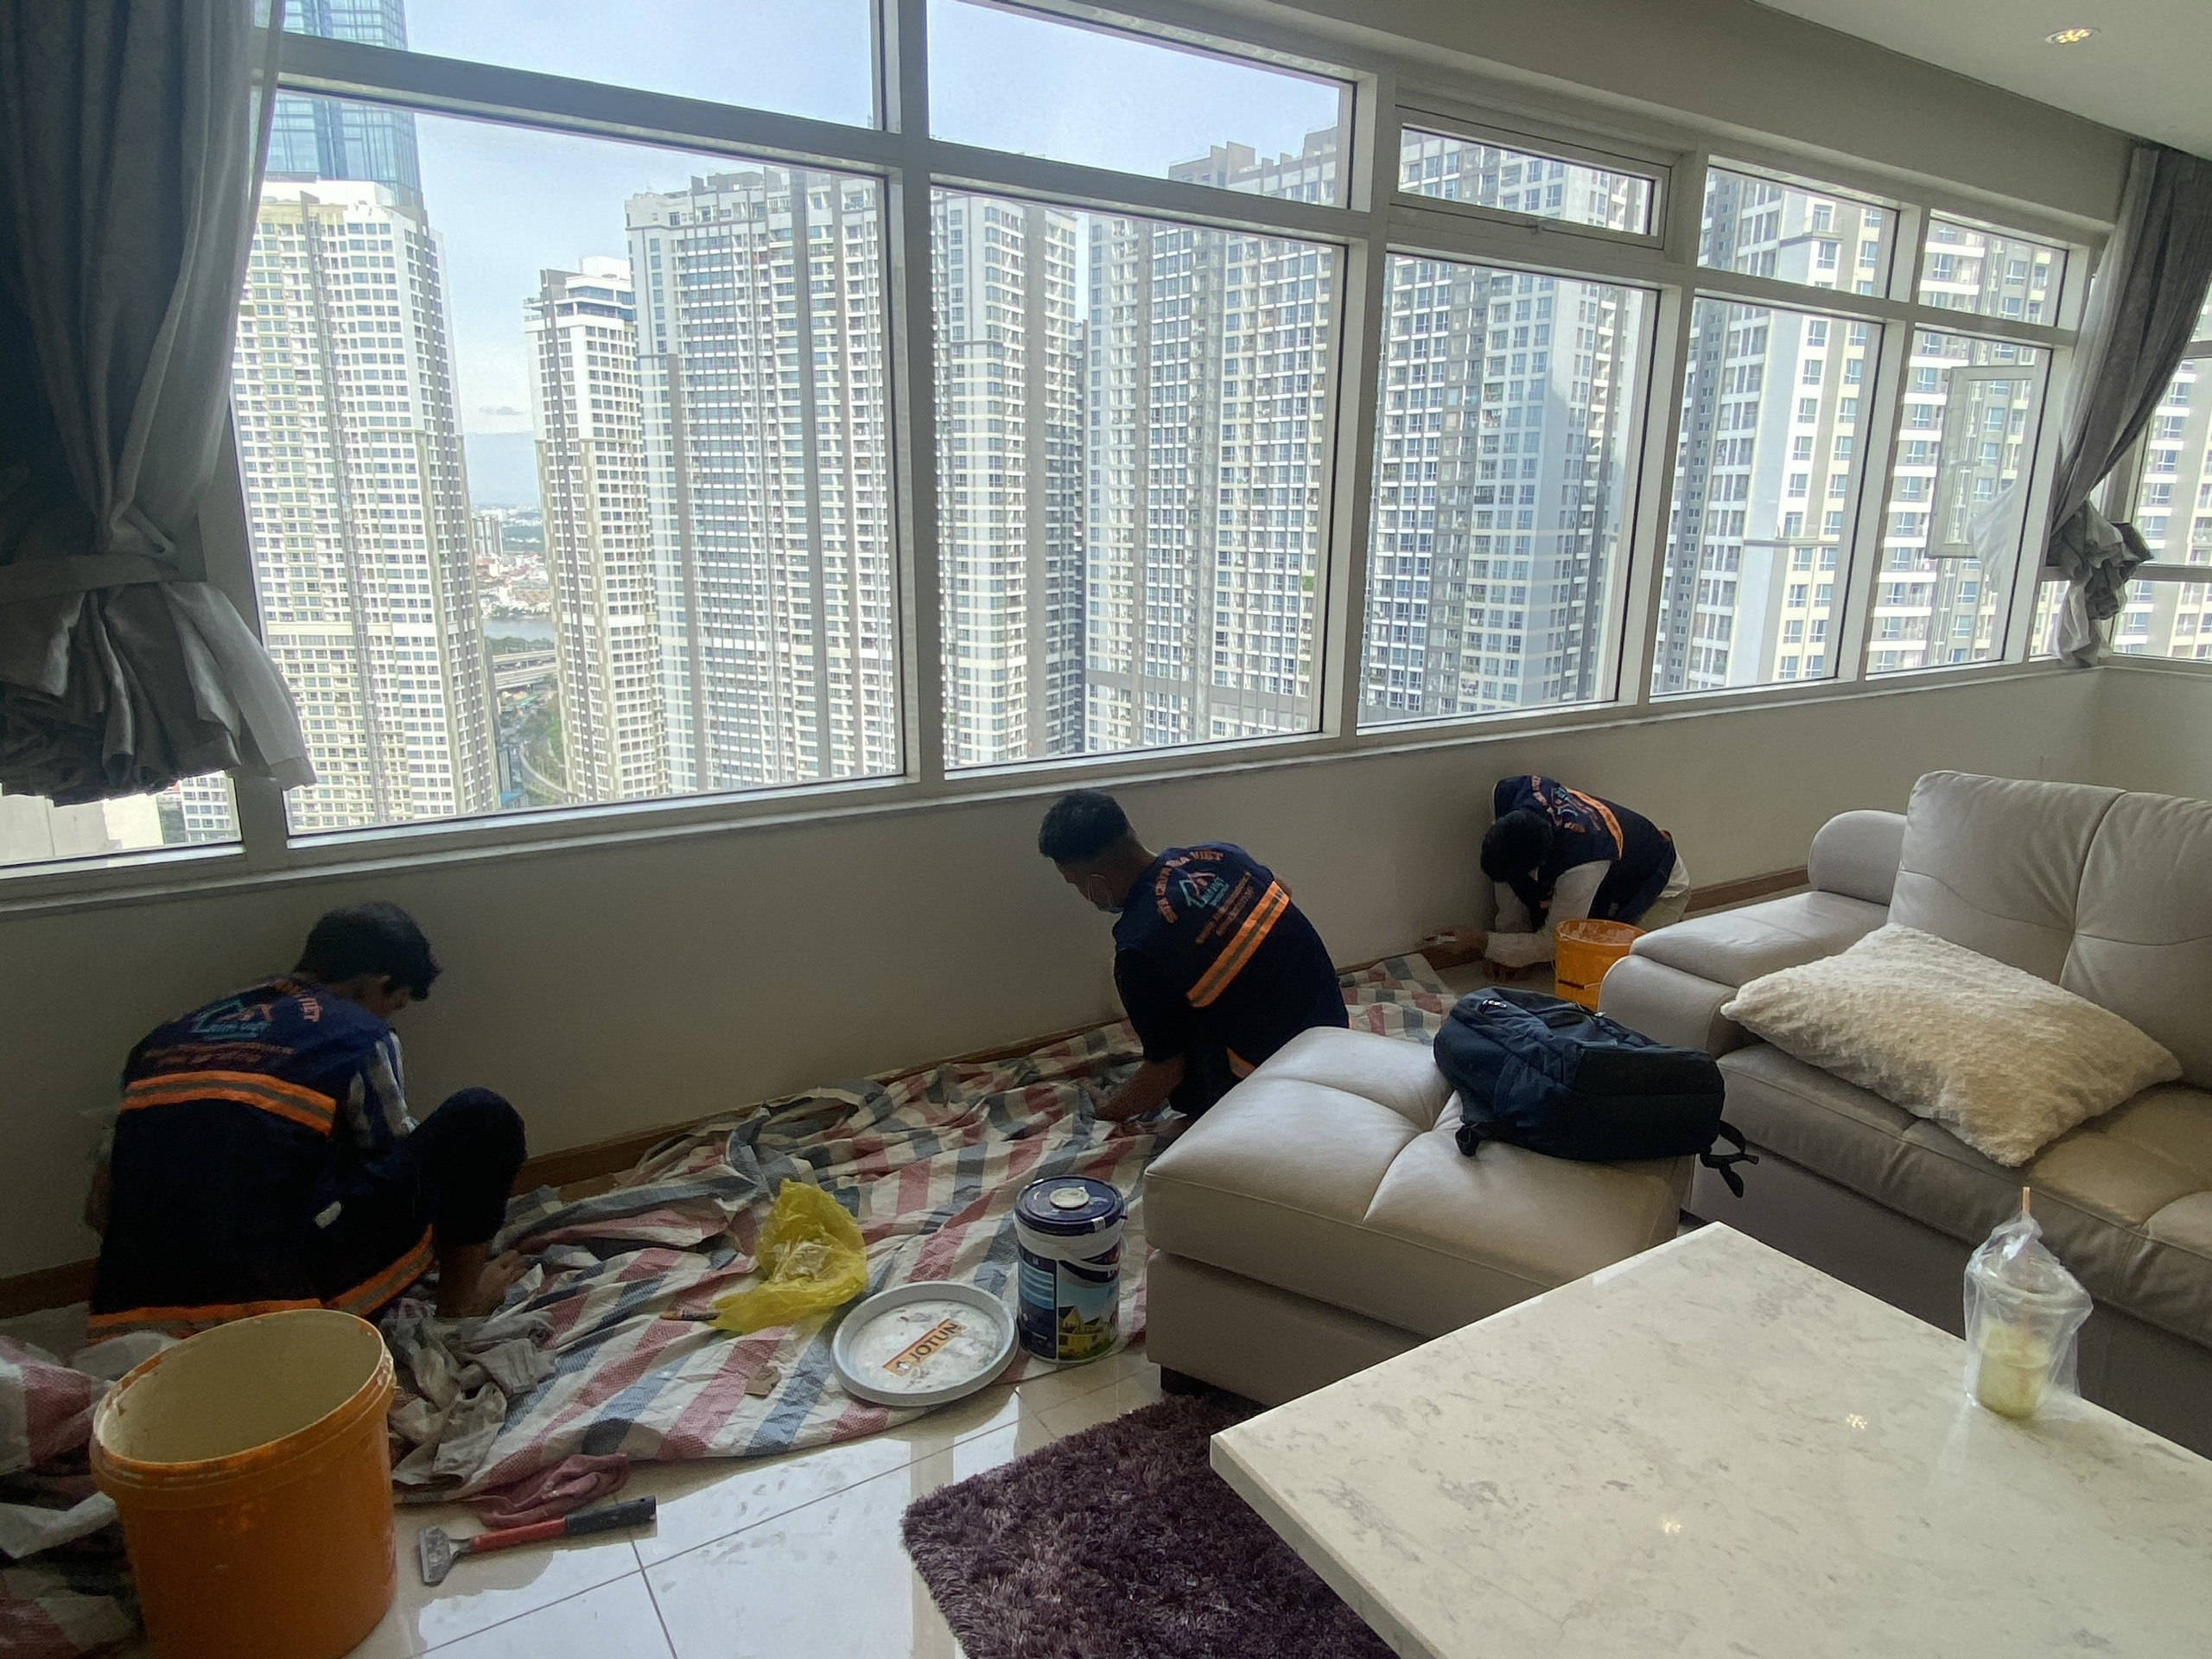 gia thi cong son nuoc 2 - Báo giá thi công sơn nước mới nhất, rẻ nhất tại Tp Hồ Chí Minh